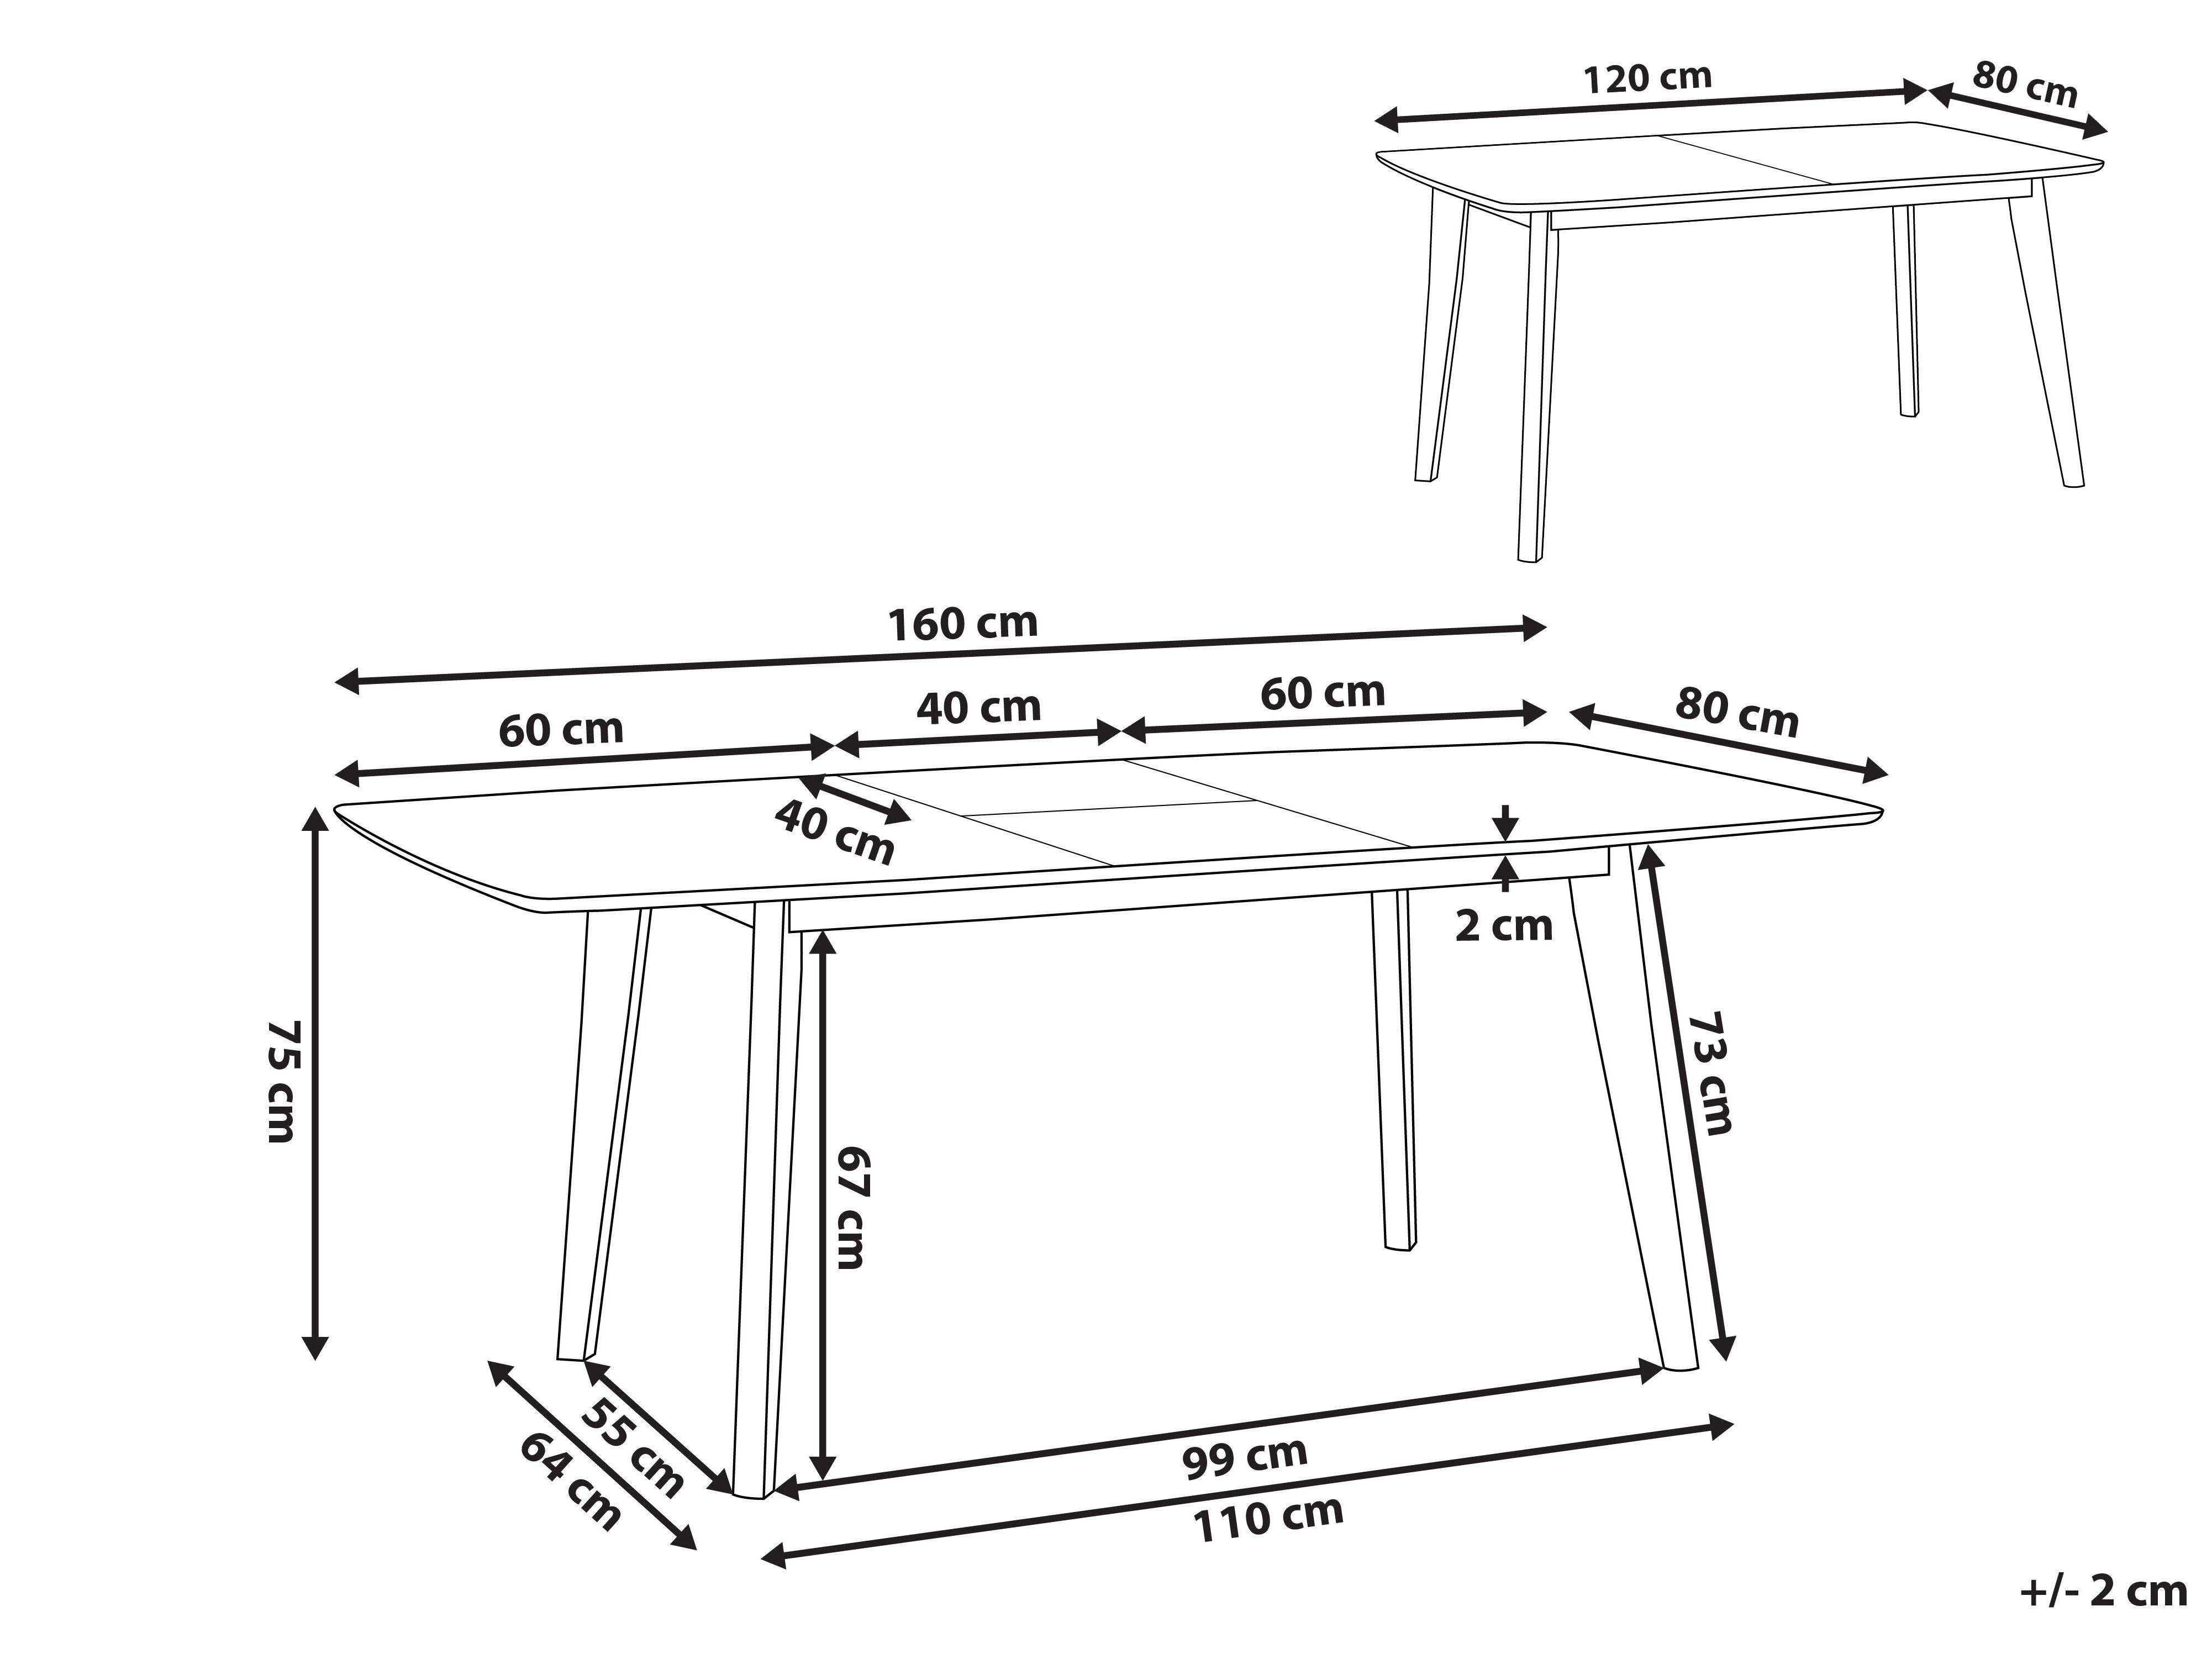 table de cuisine extensible 120 160